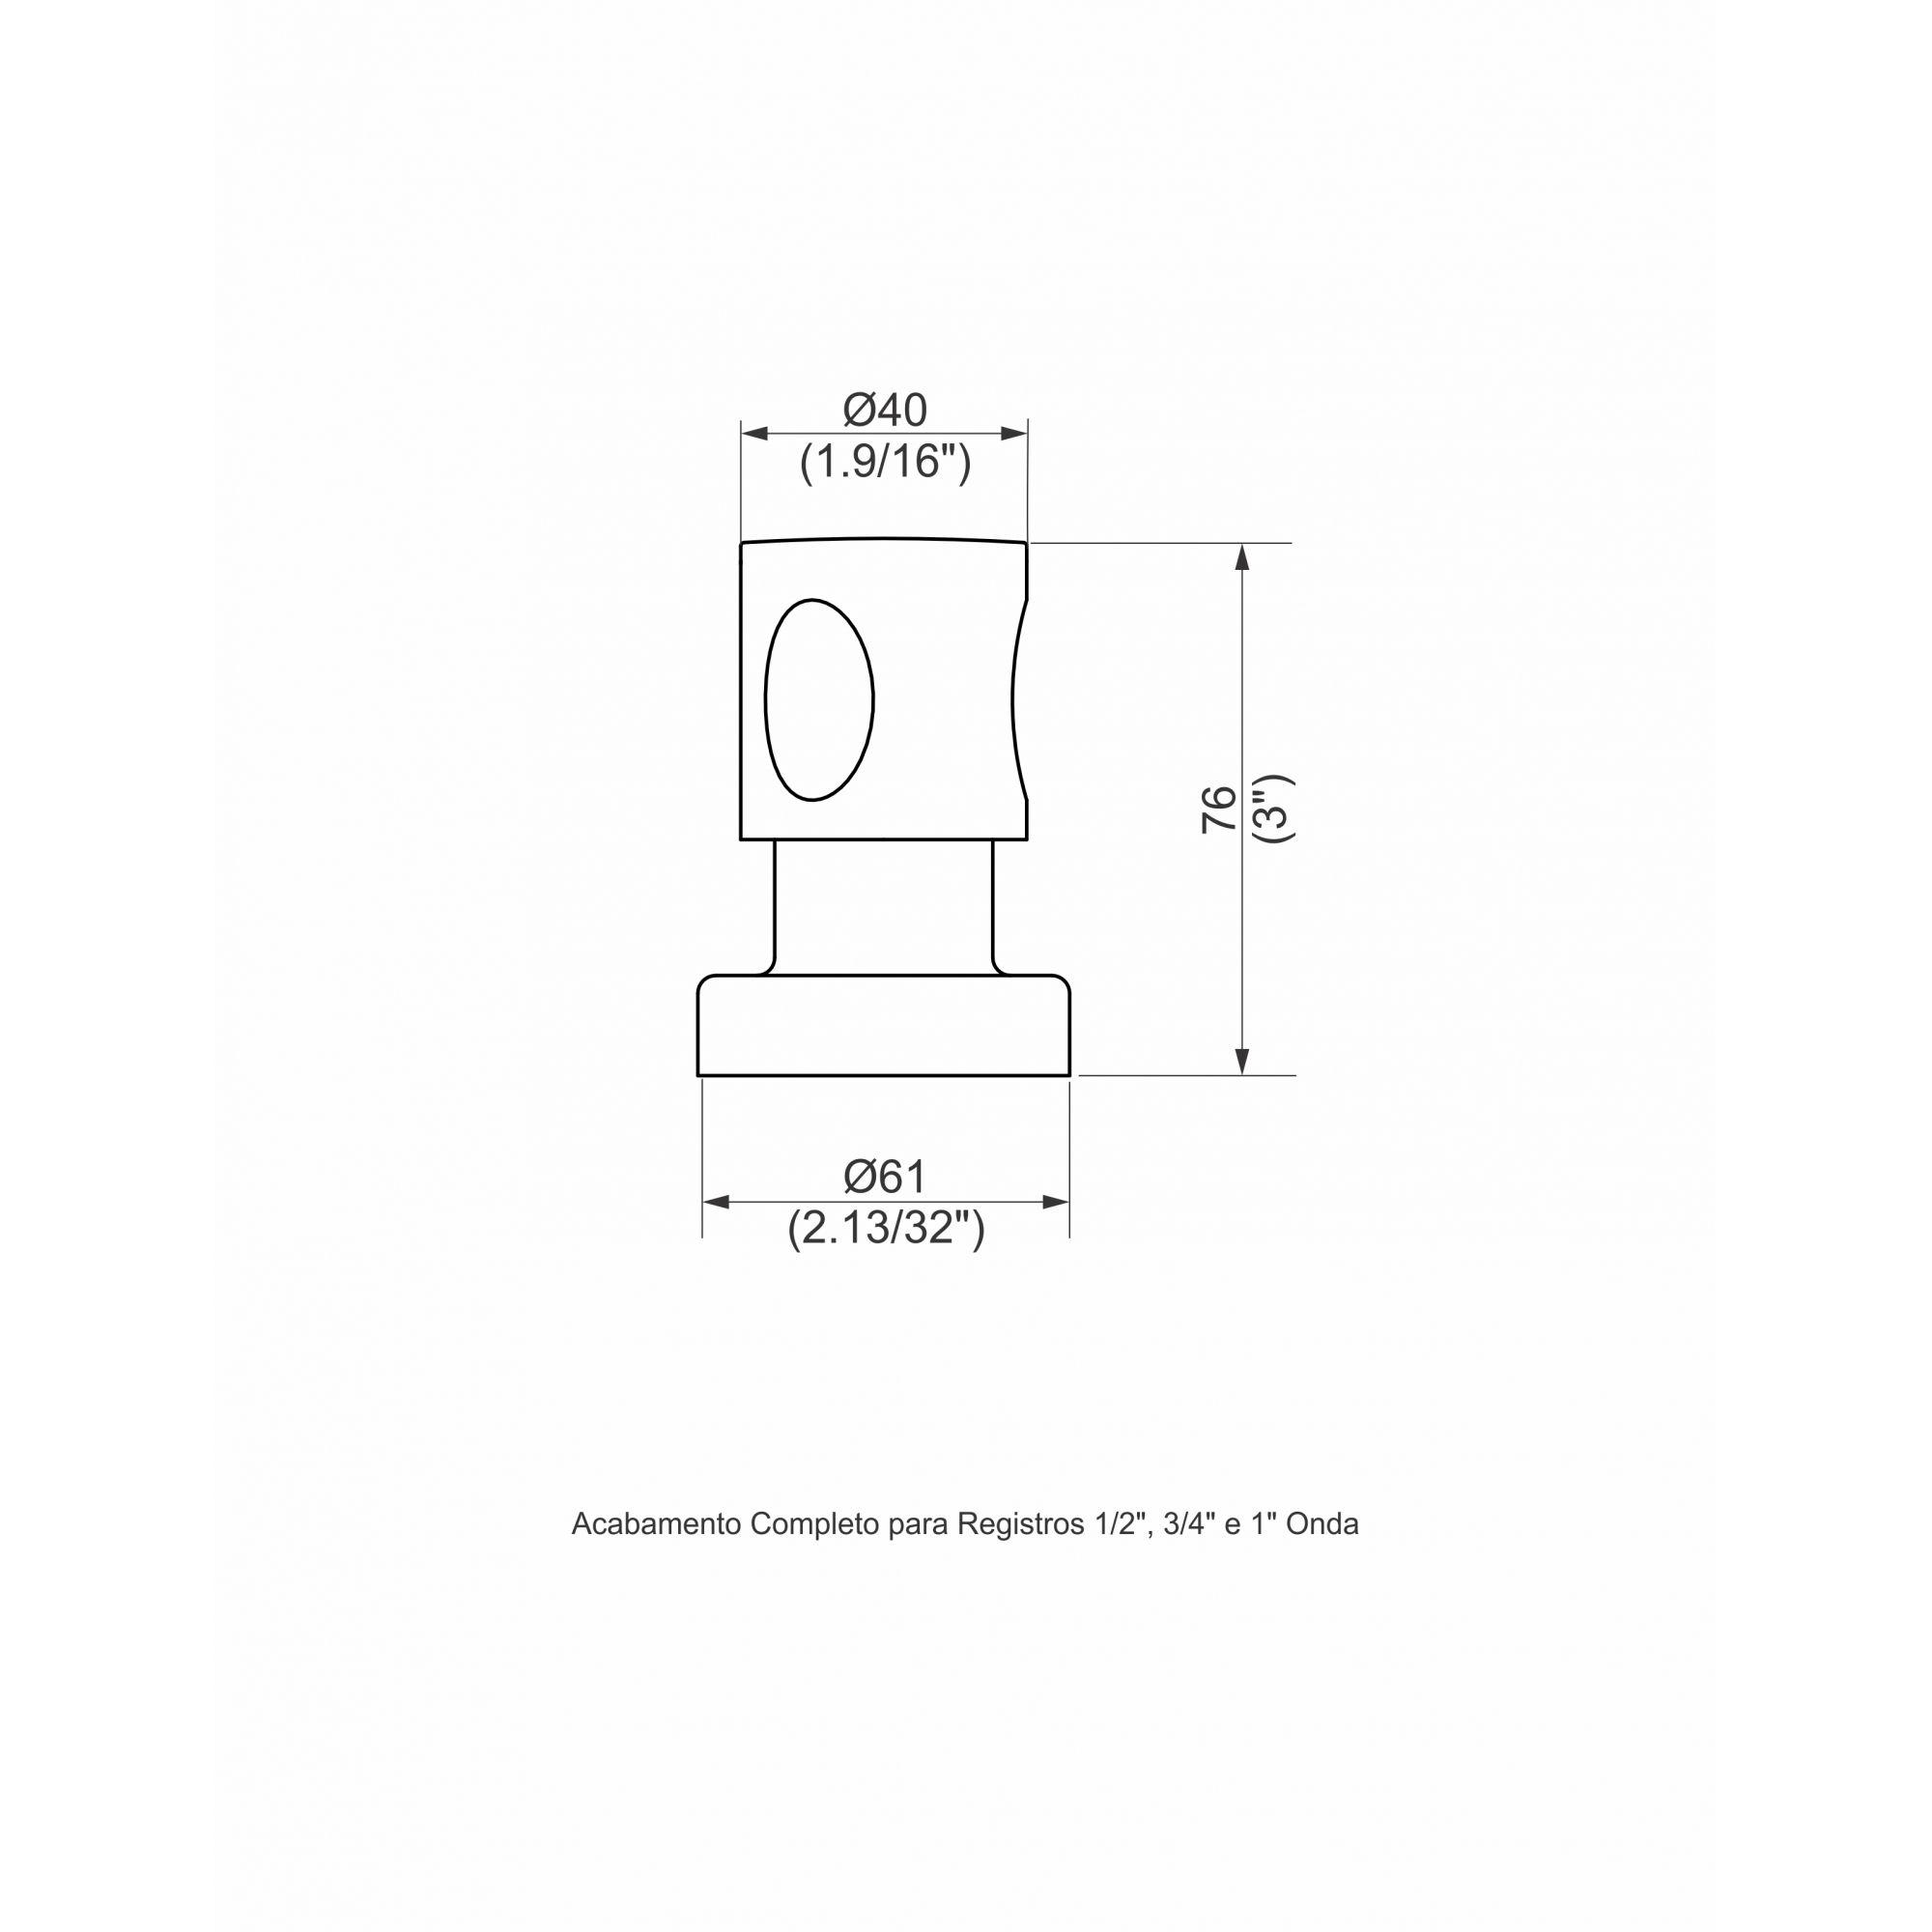 ACABAMENTO PARA REGISTRO 1/2 E 3/4 ONDA CROMADO 1162.4010 - PERFLEX